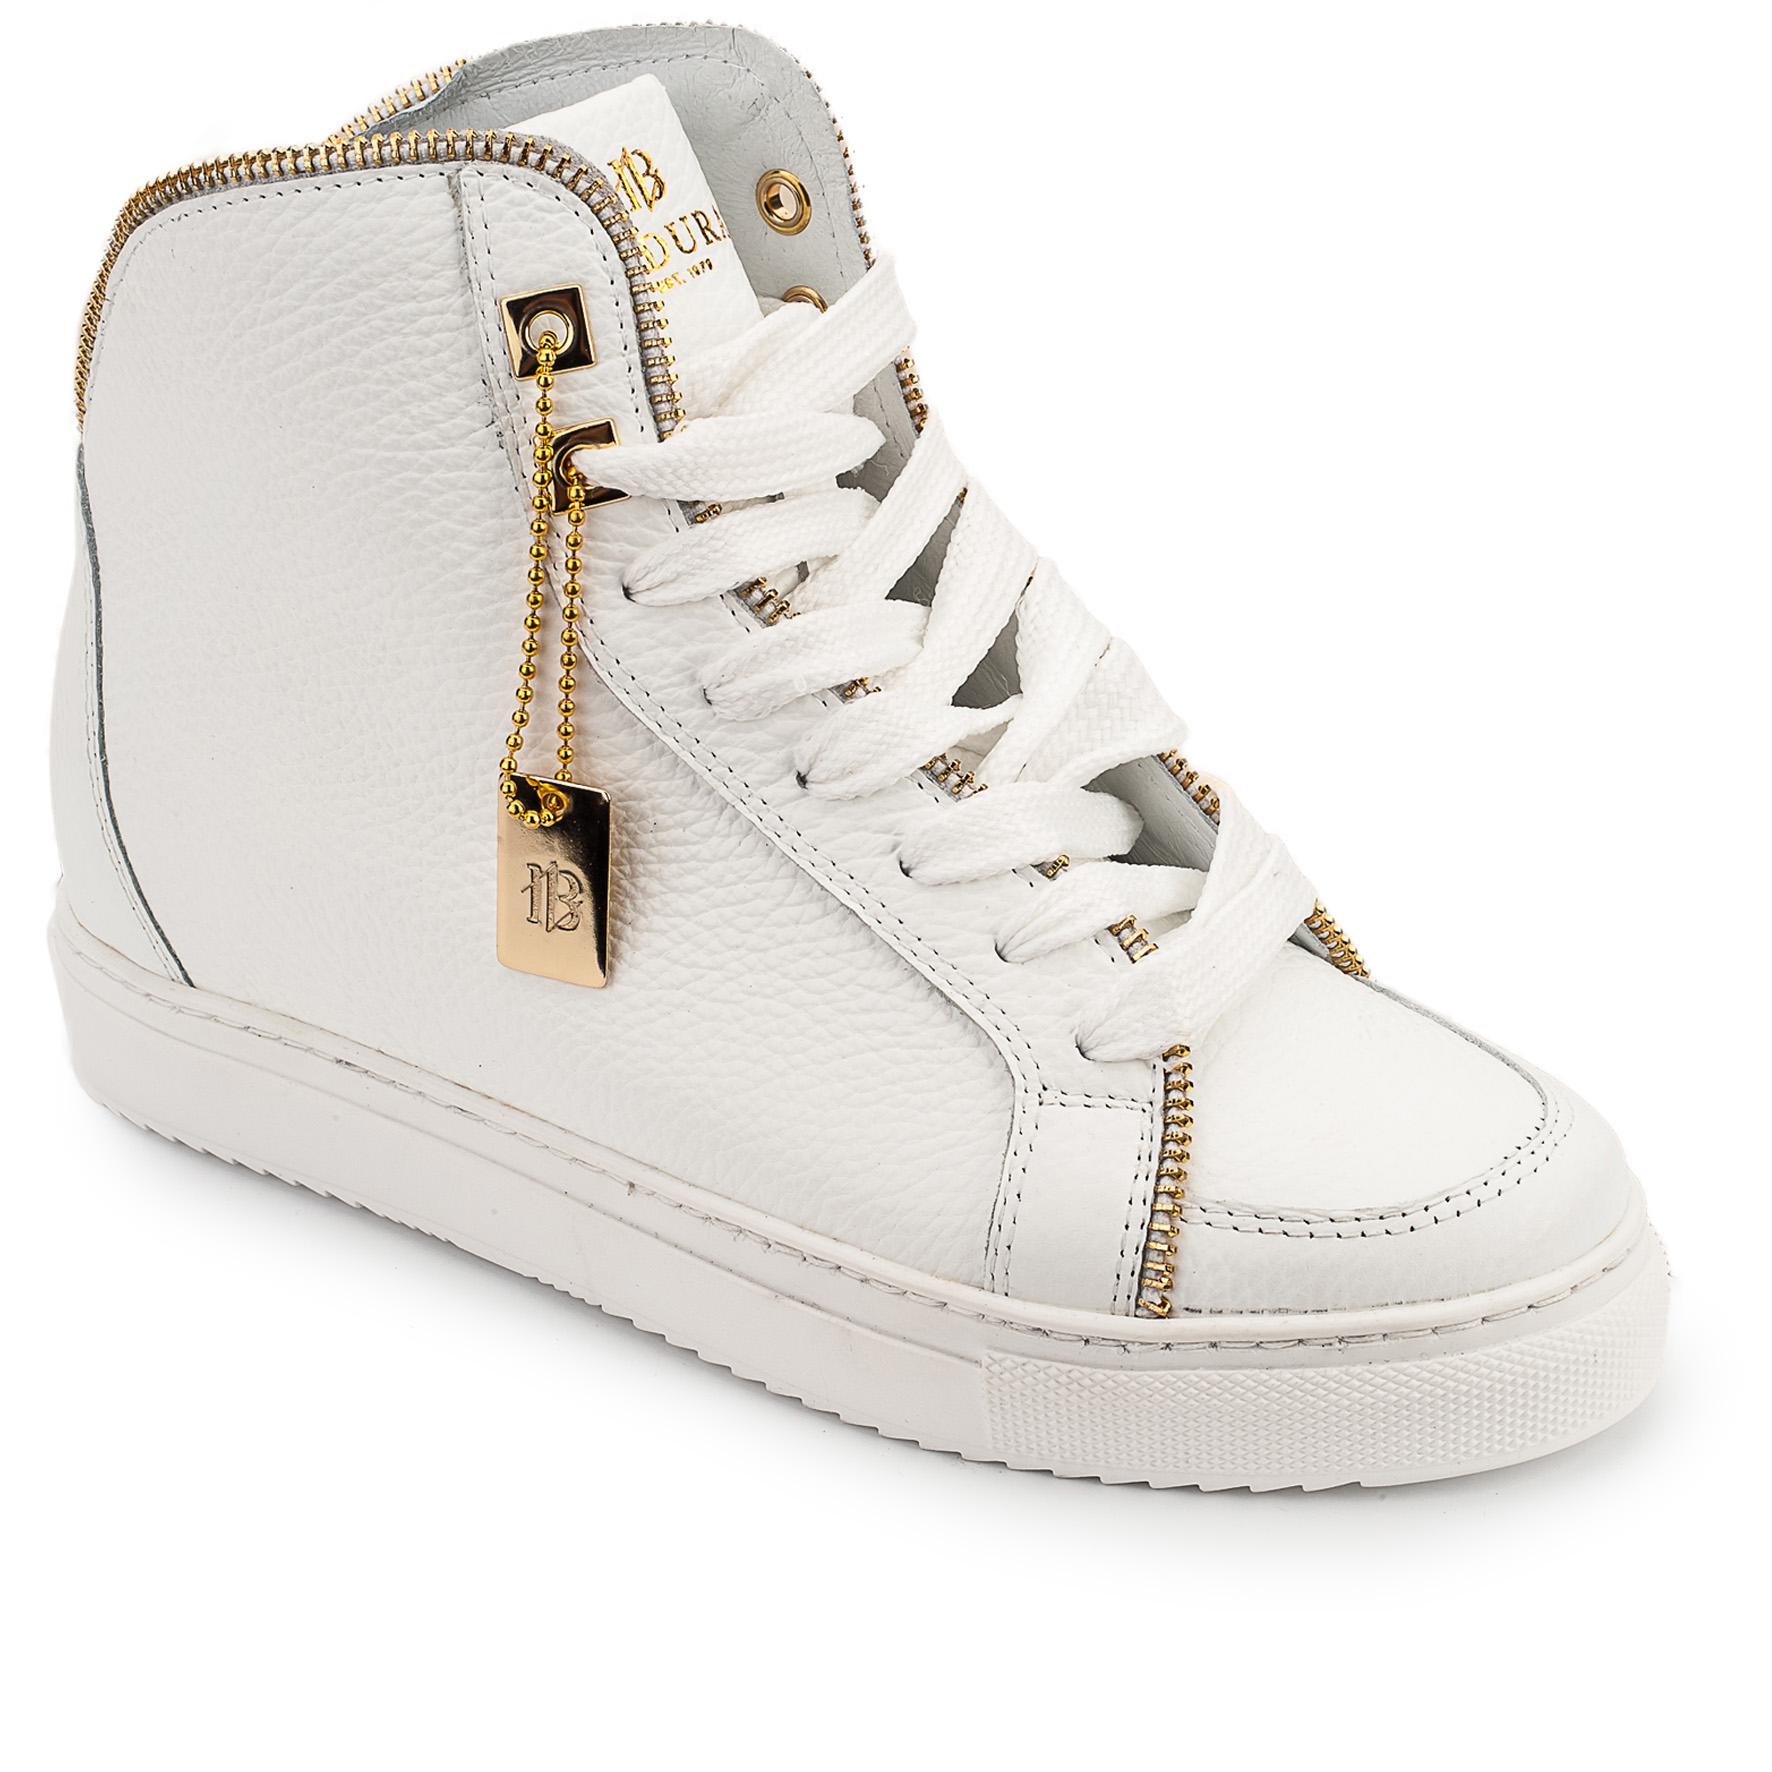 b7d10c84 Sneakersy BADURA 6337-69-M Biały 1304